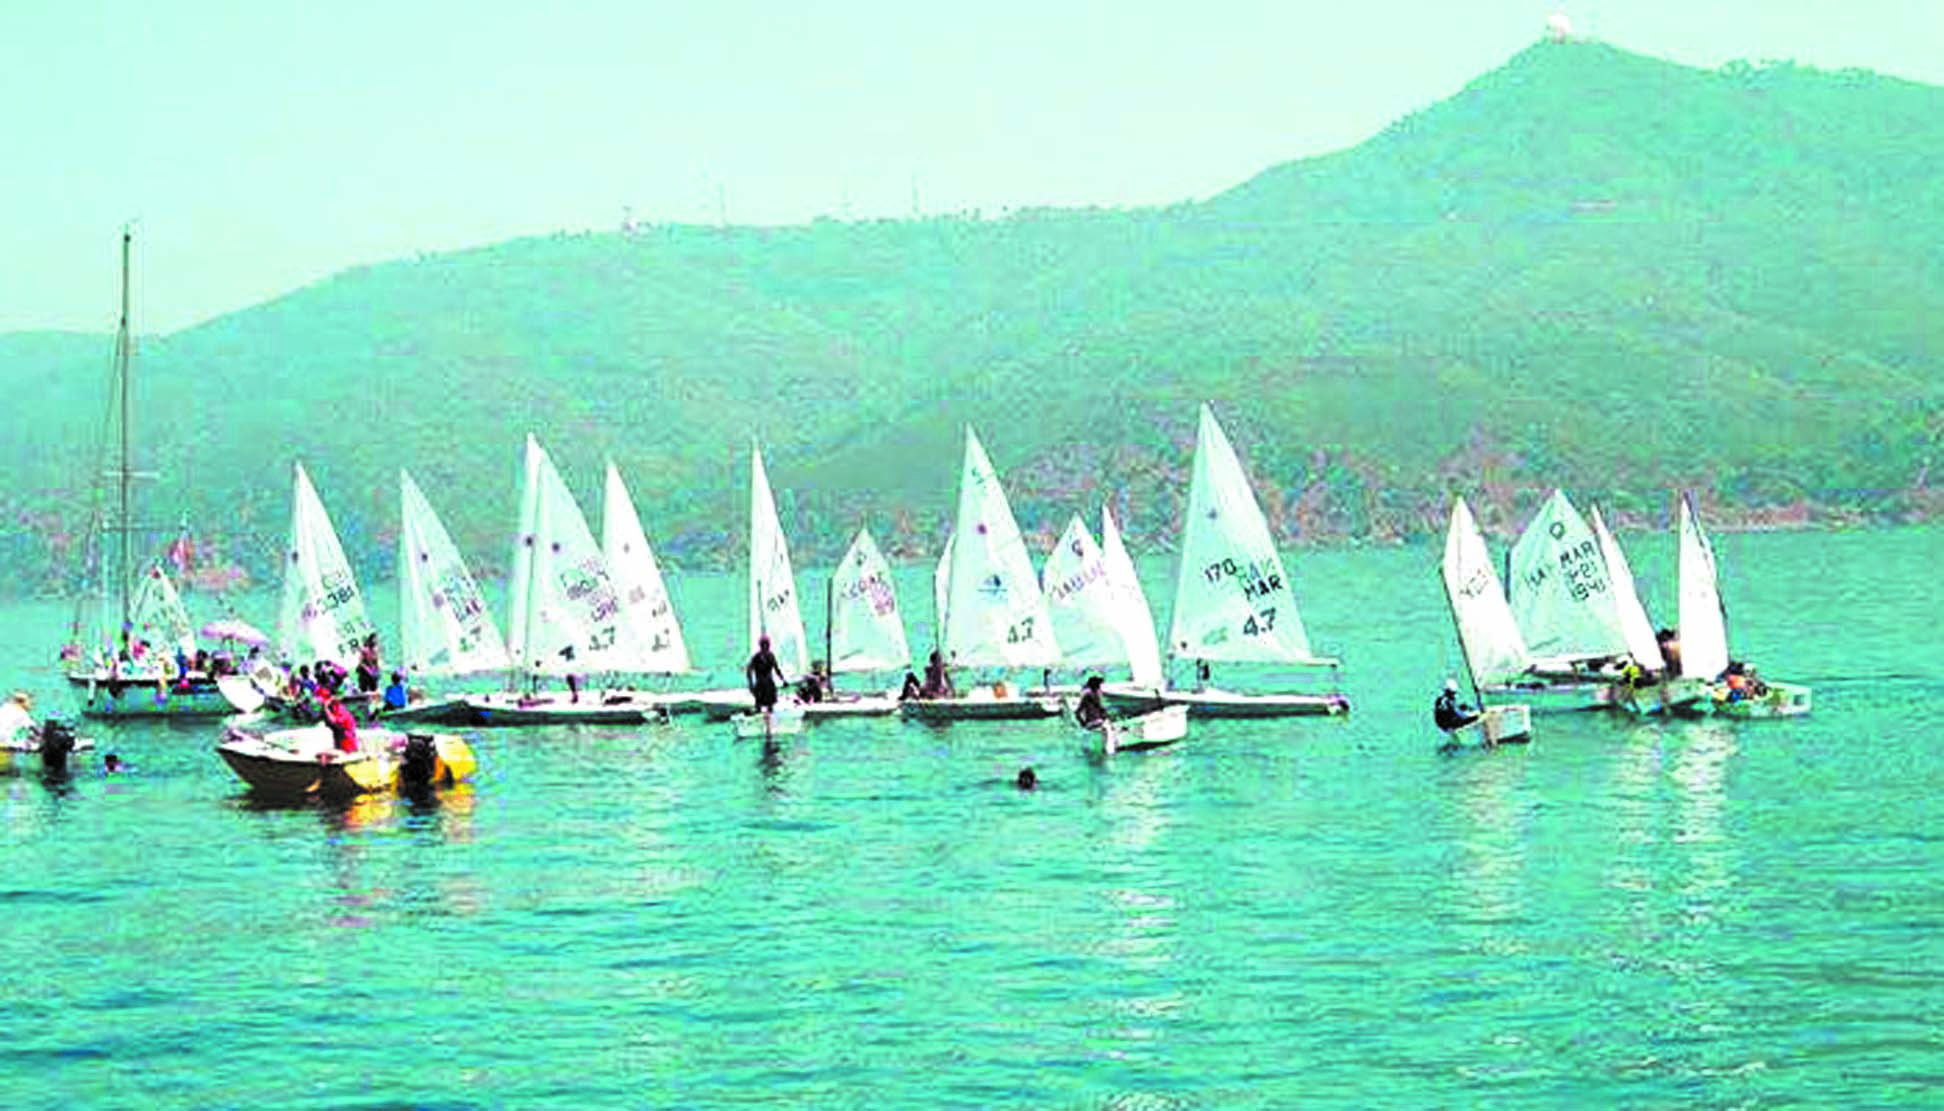 Tableau relevé pour la 14ème Semaine  nautique internationale de M'diq